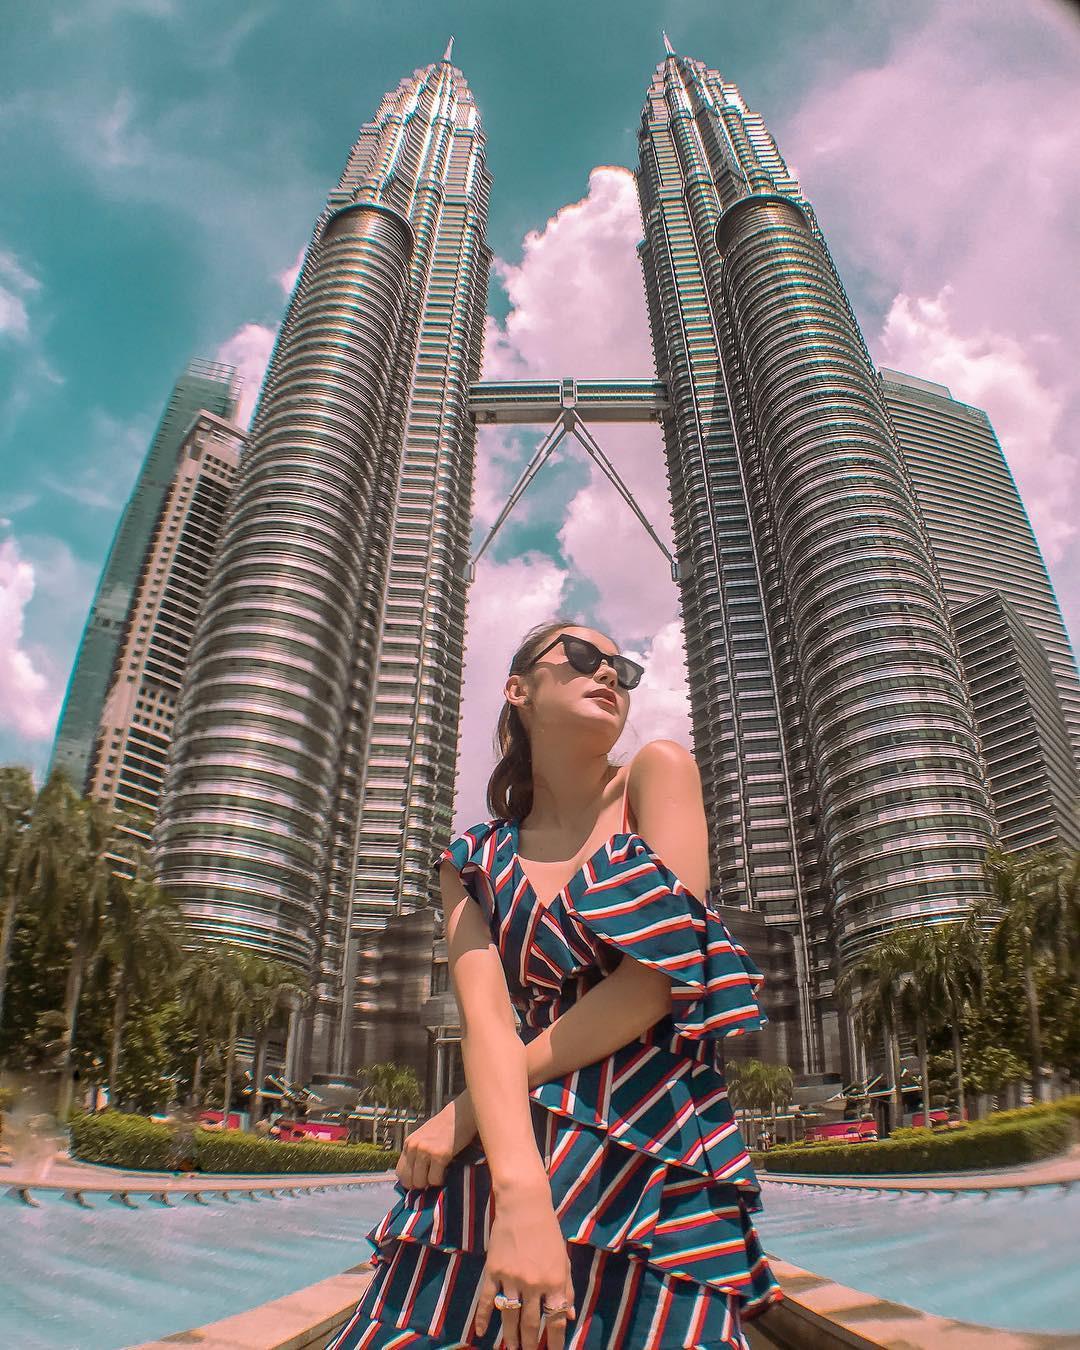 Có cả triệu người chụp ảnh dưới toà tháp Petronas Twin Tower nhưng không phải ai cũng biết bí quyết để có tấm ảnh lung linh nhất - Ảnh 3.